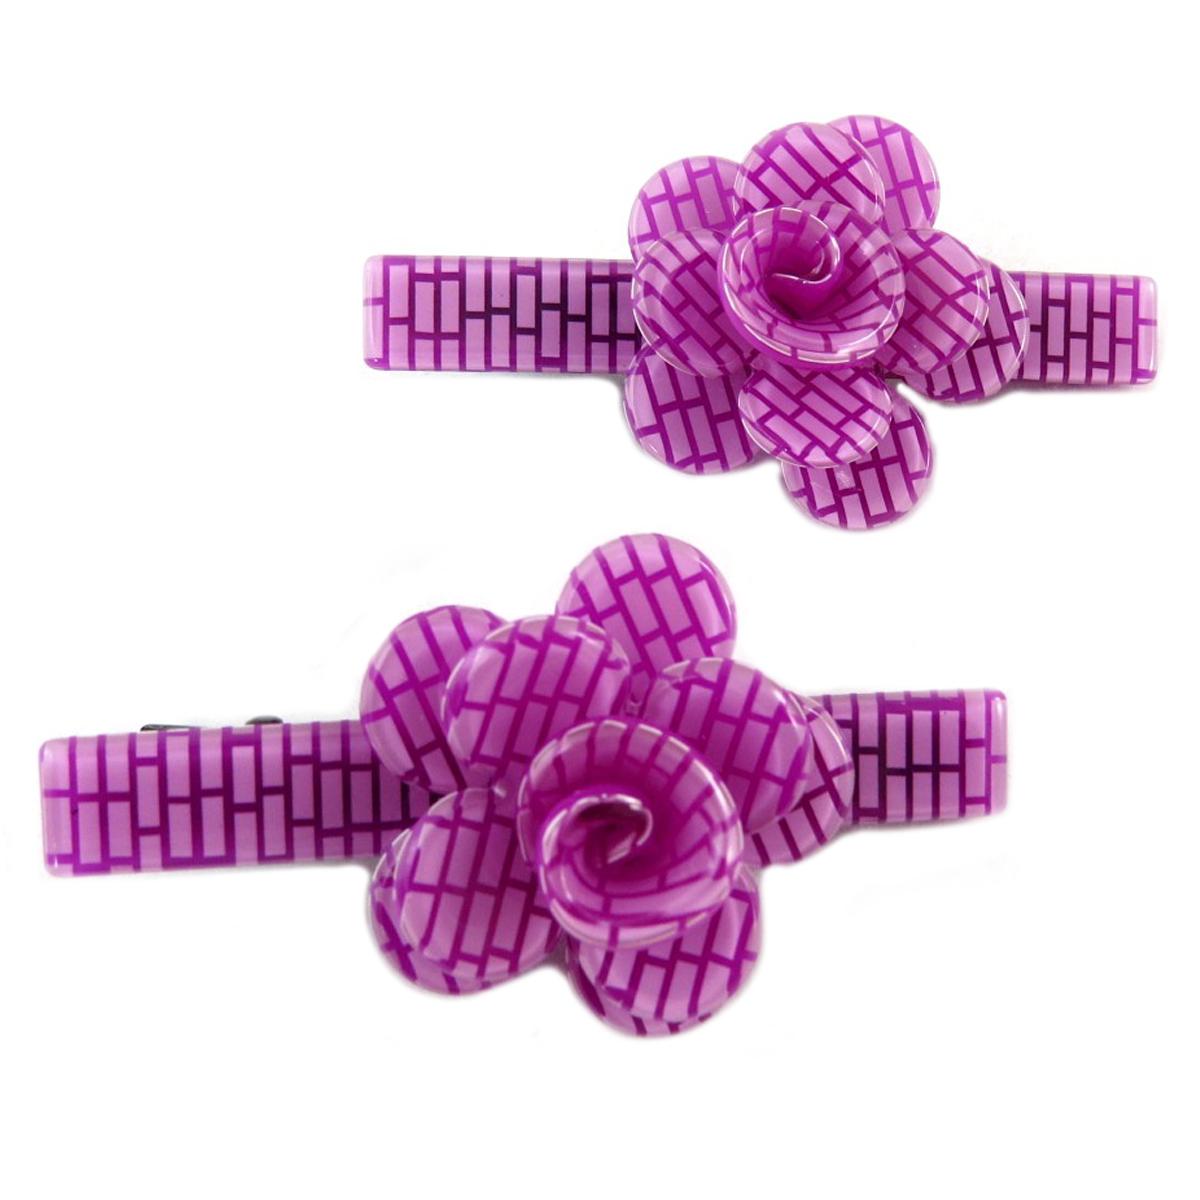 2 barrettes / pinces pélican \'Sissi\' violet (rosa romantica) - 60x25 mm - [Q0074]